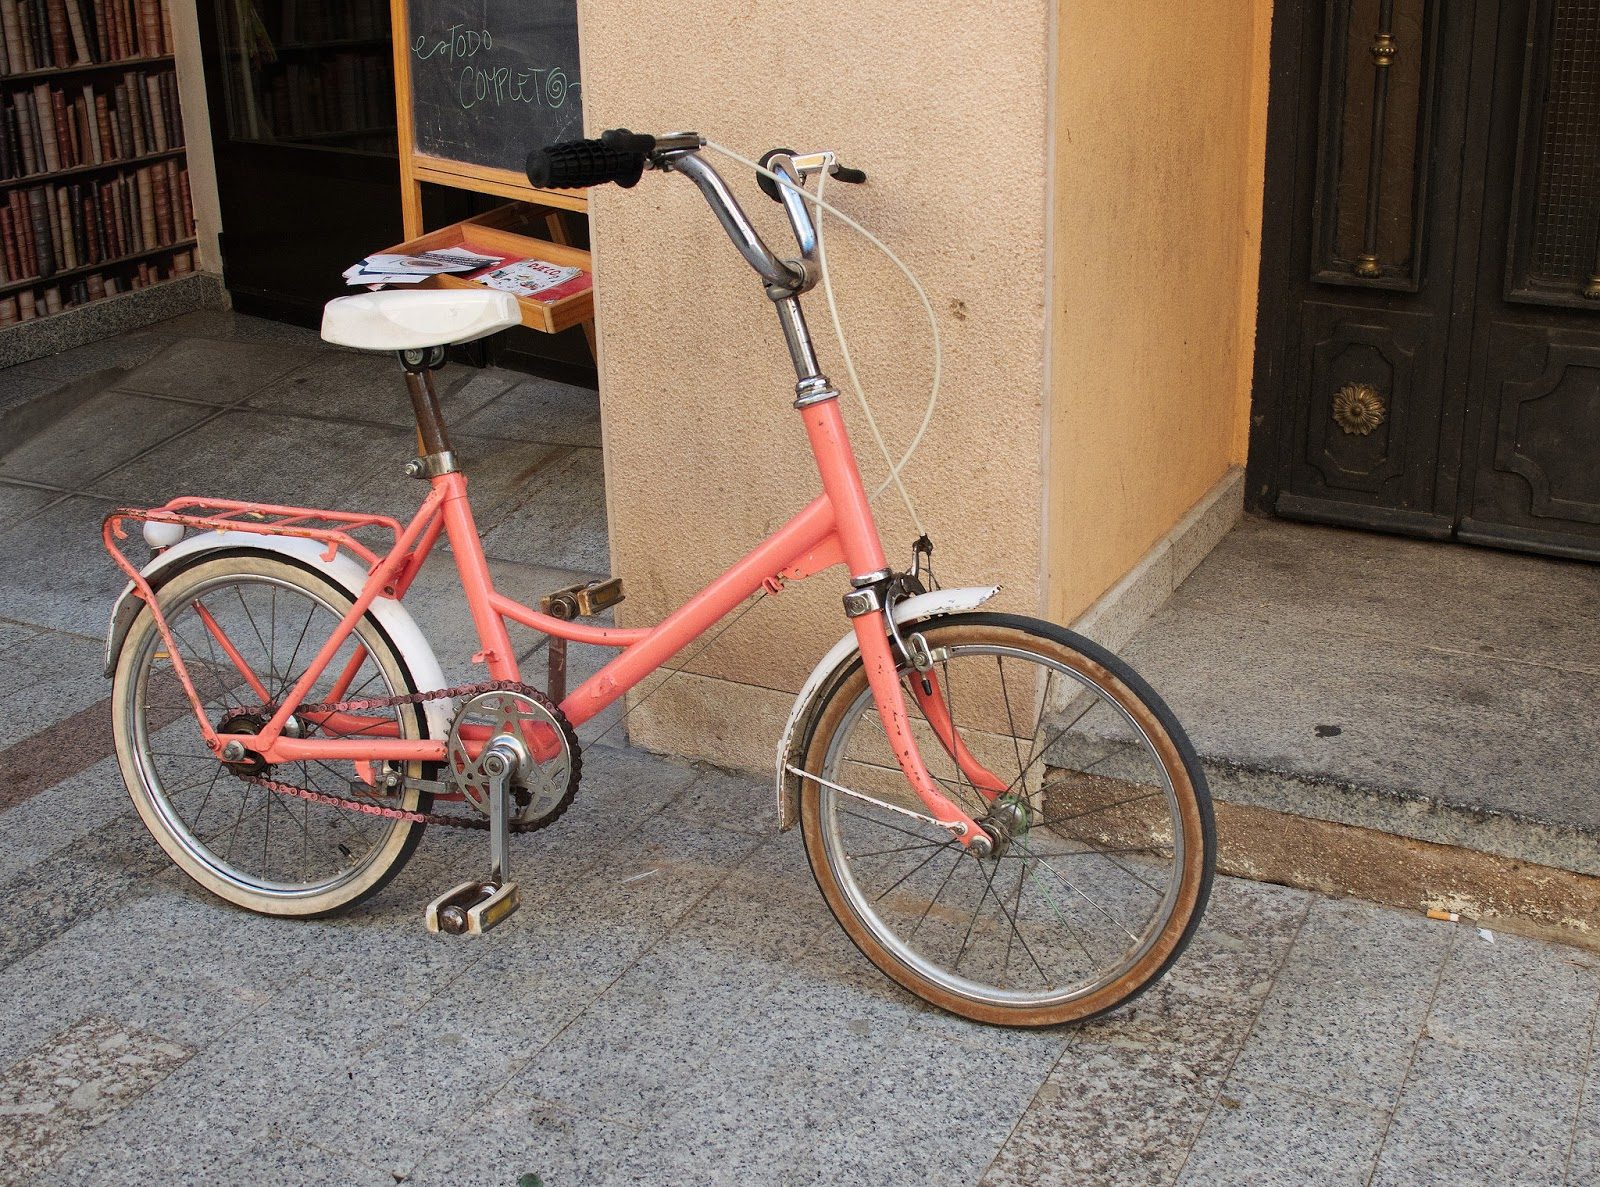 Bicicleta antigua, Candeleda, Avila, 2016